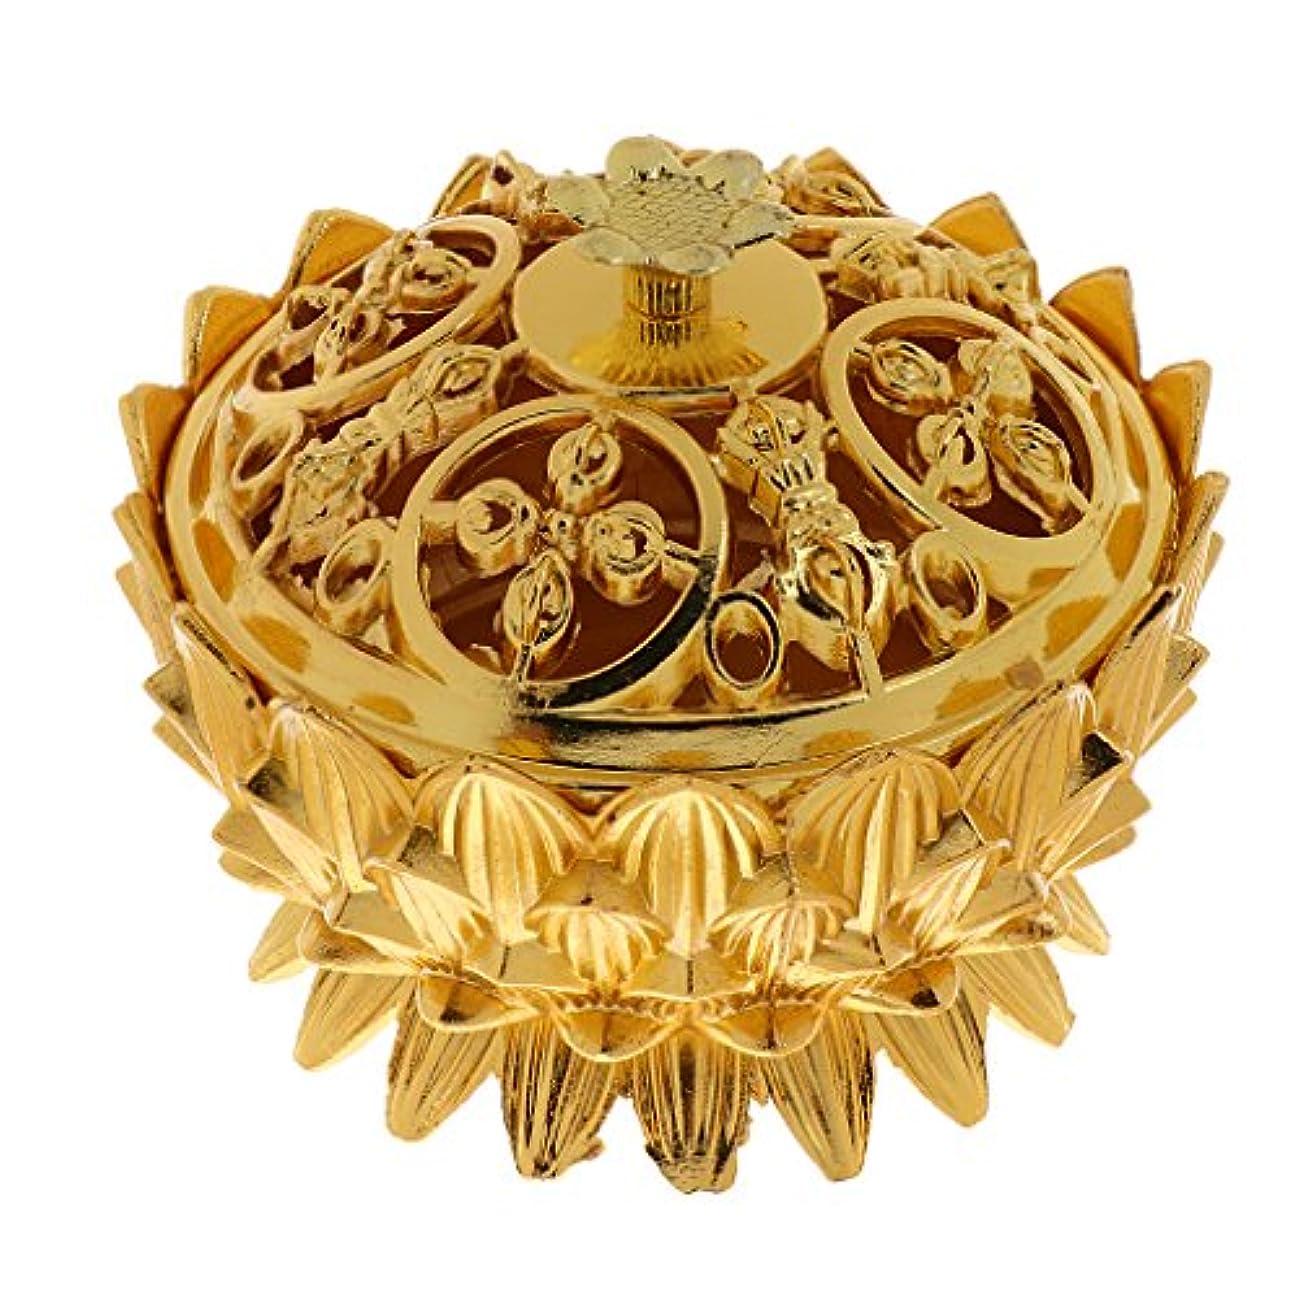 愚かエロチック地震仏教 チベット 蓮 香りバーナー 香炉 金属 工芸品 家 装飾 全3選択 - #3